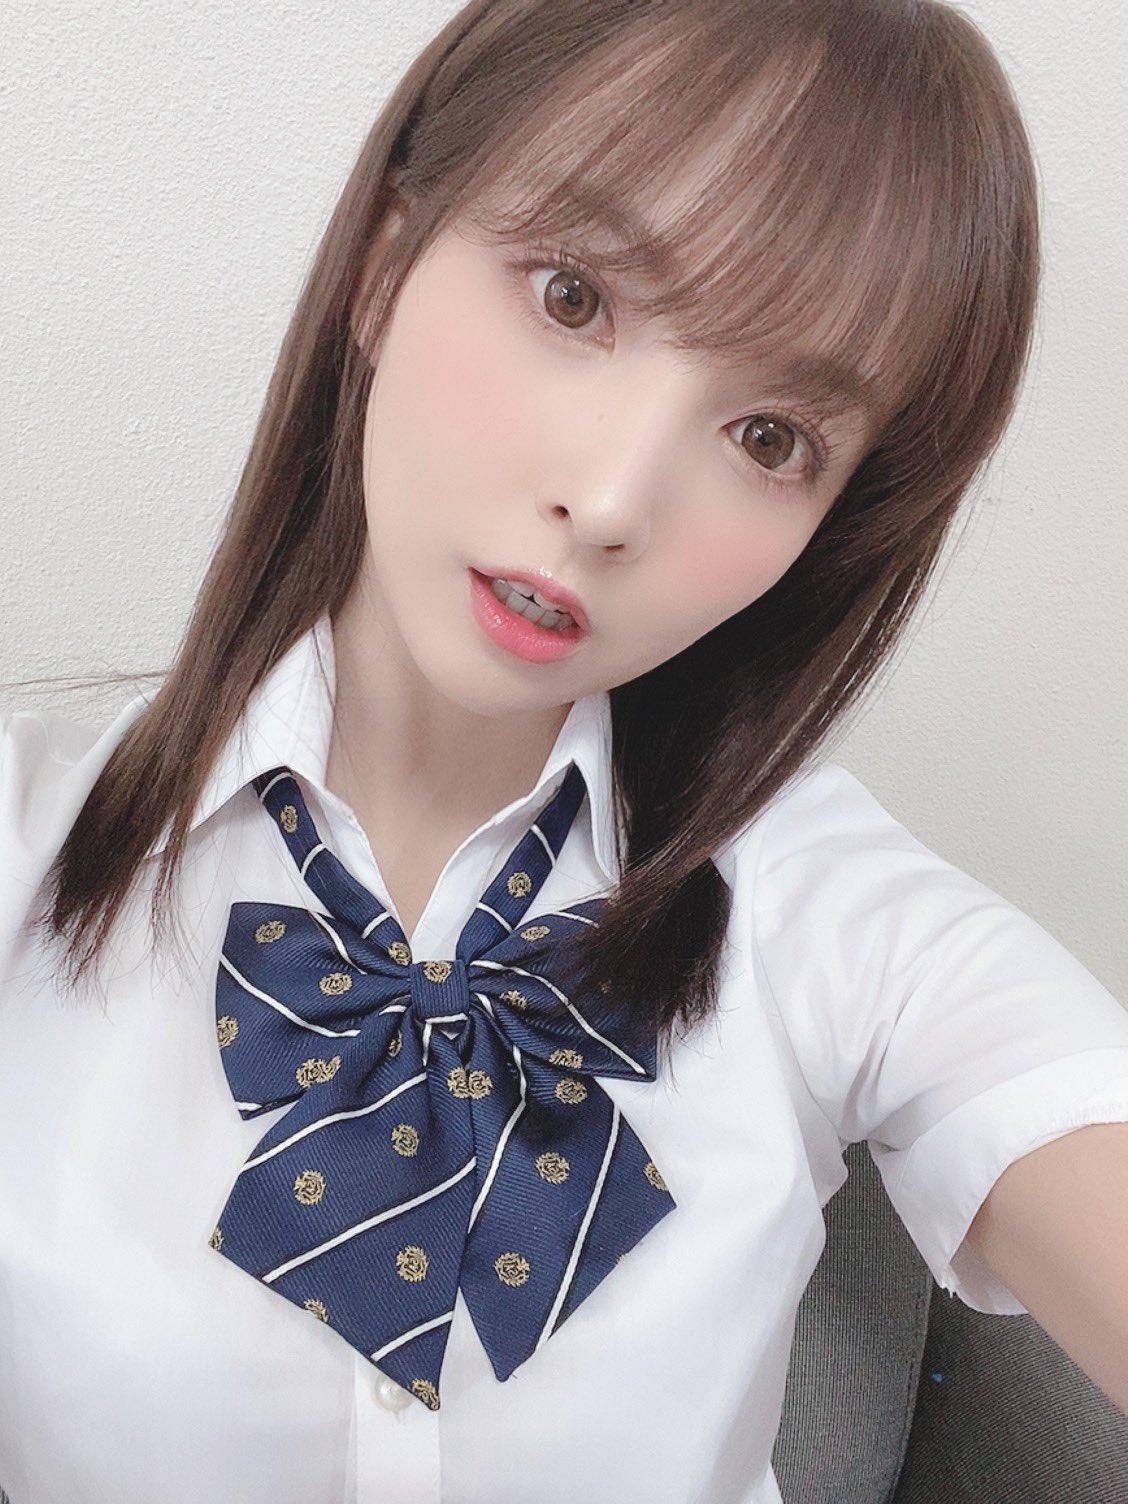 yua_mikami 1198407109718659072_p1